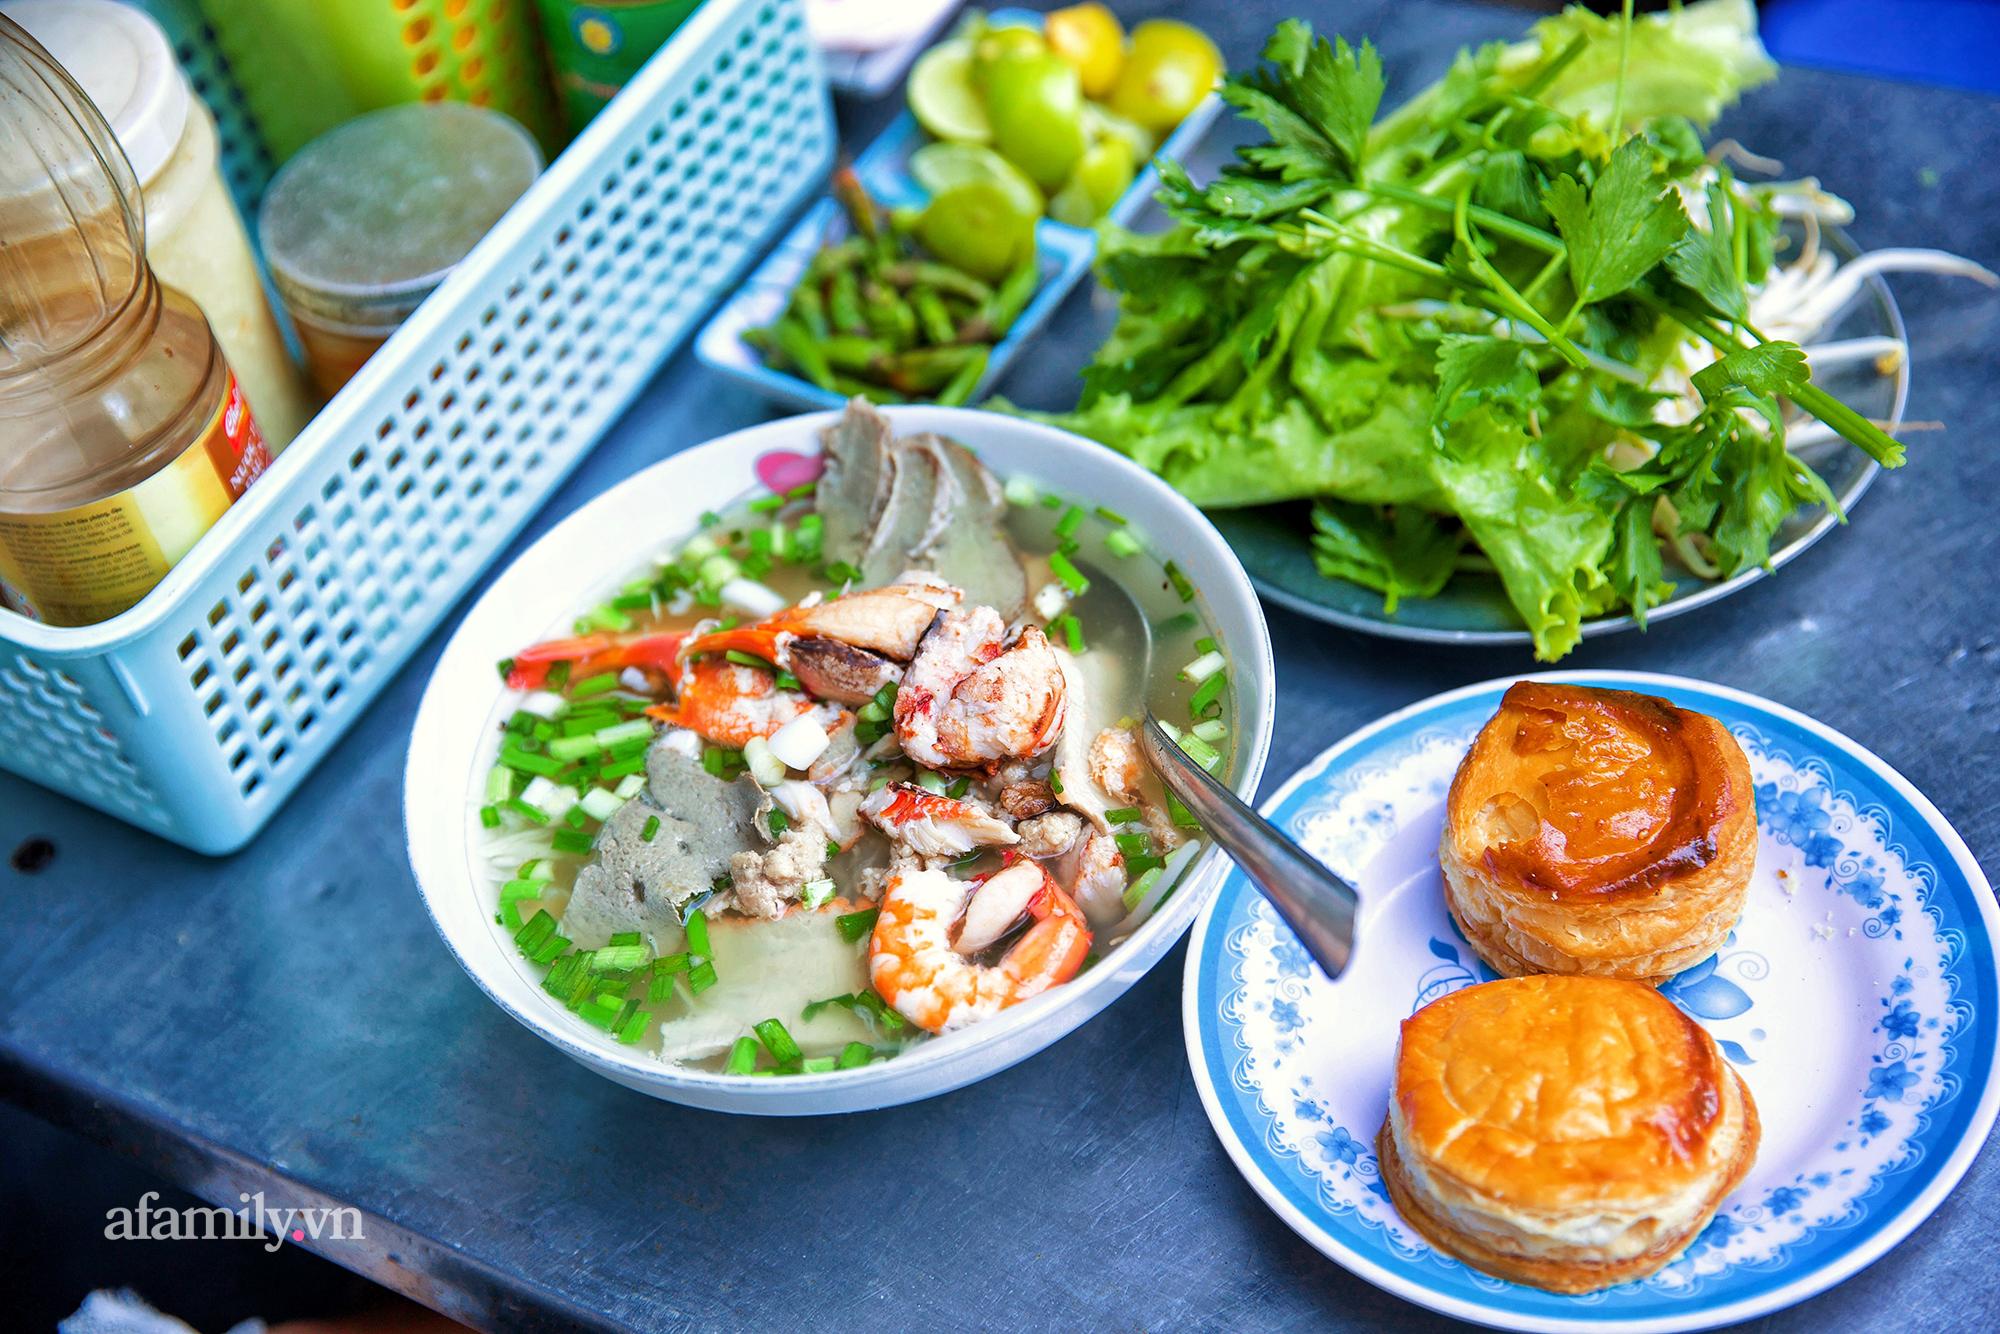 Tiệm hủ tiếu hơn 70 năm nổi tiếng với nồi sốt cà chua hầm cả Sài Gòn không đâu có, sở hữu tấm bảng hiệu được